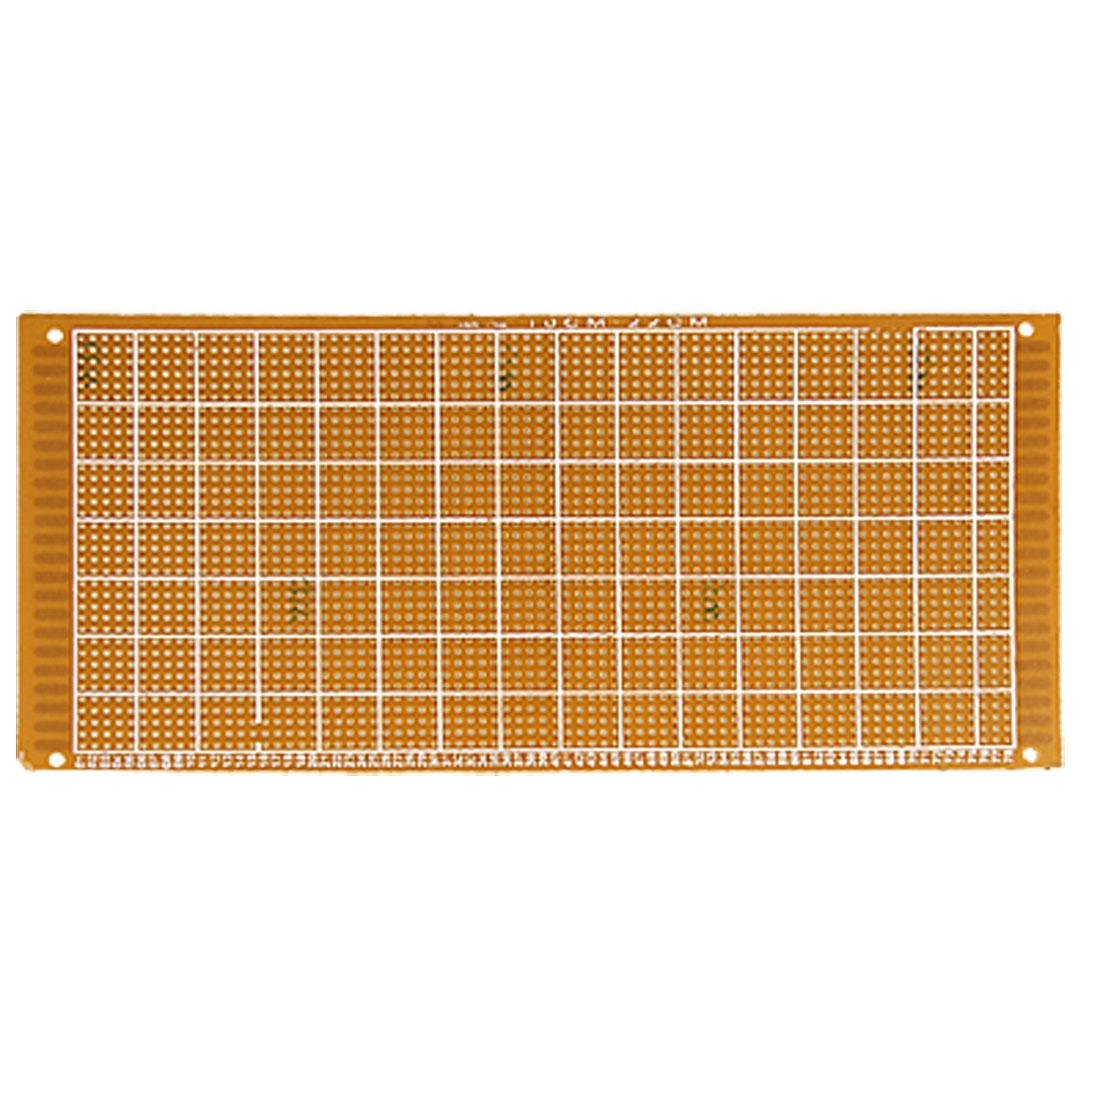 10cm x 22cm Panel Universal Single Side Copper PCB Board